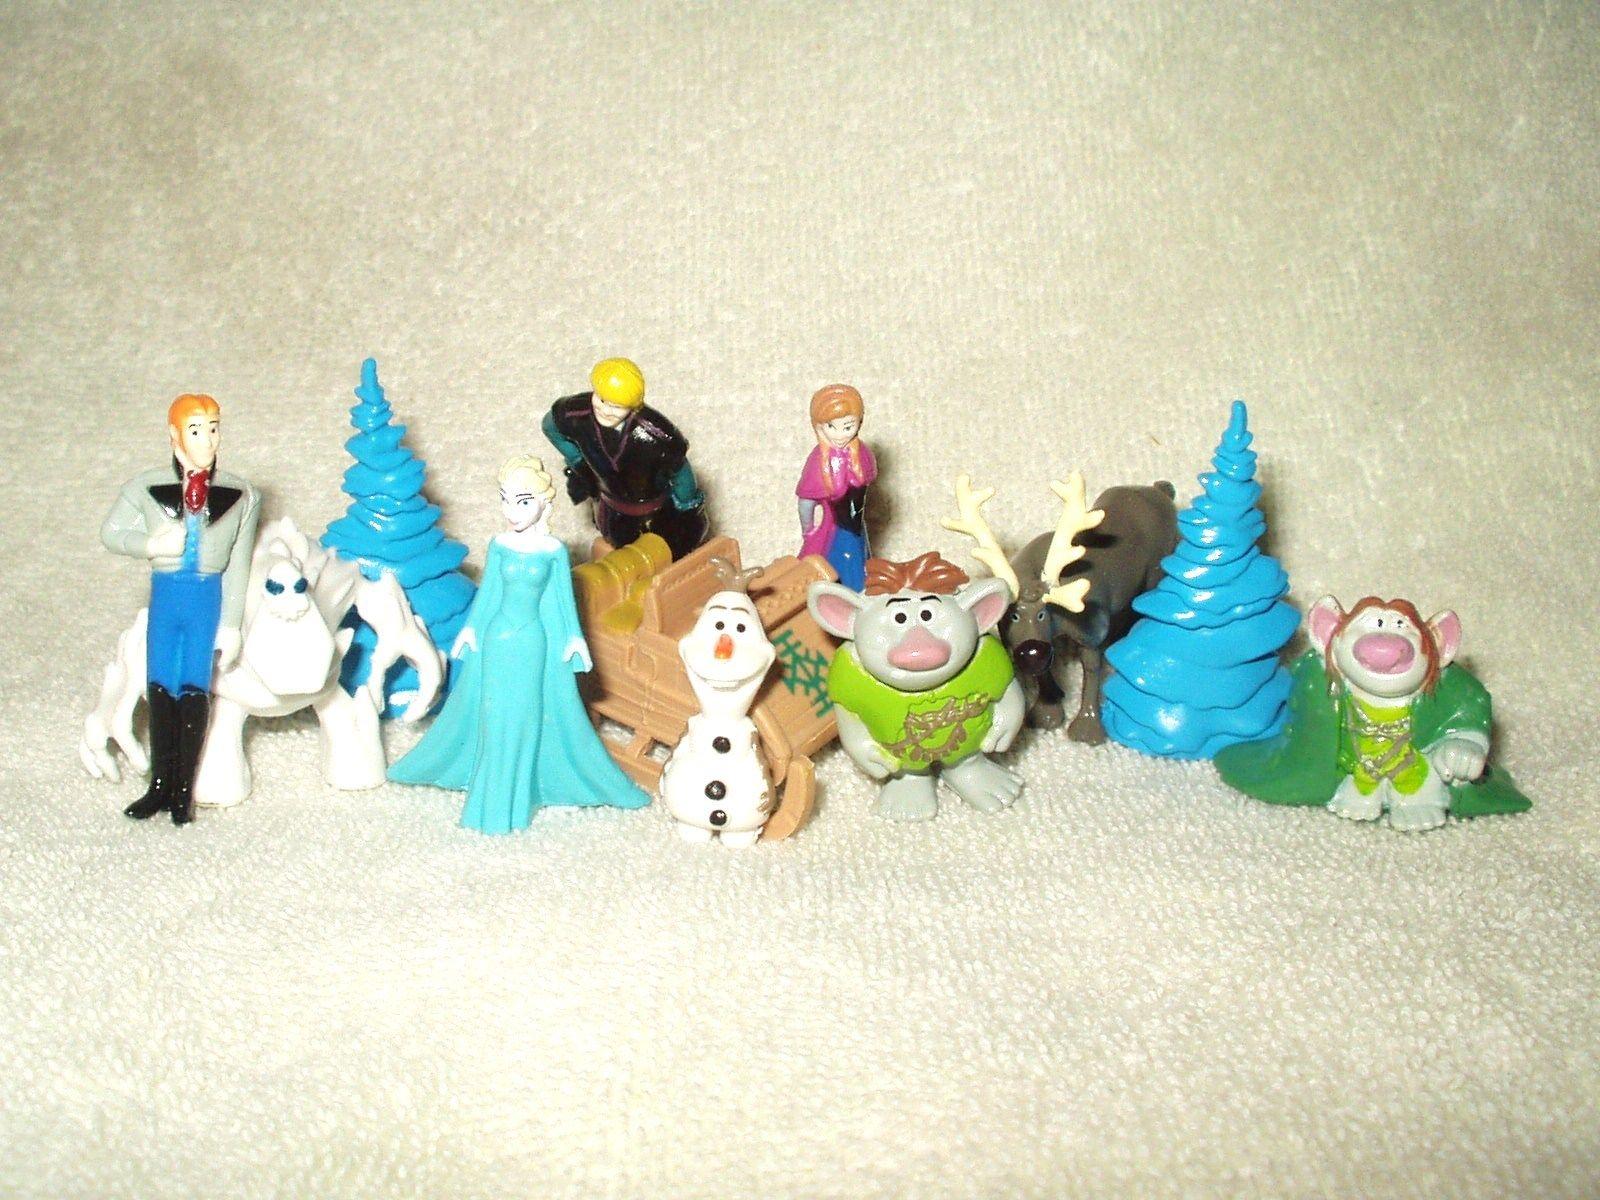 Olaf Snowman Disney Store Frozen II 2 PVC Figure Village Figurine Cake Topper